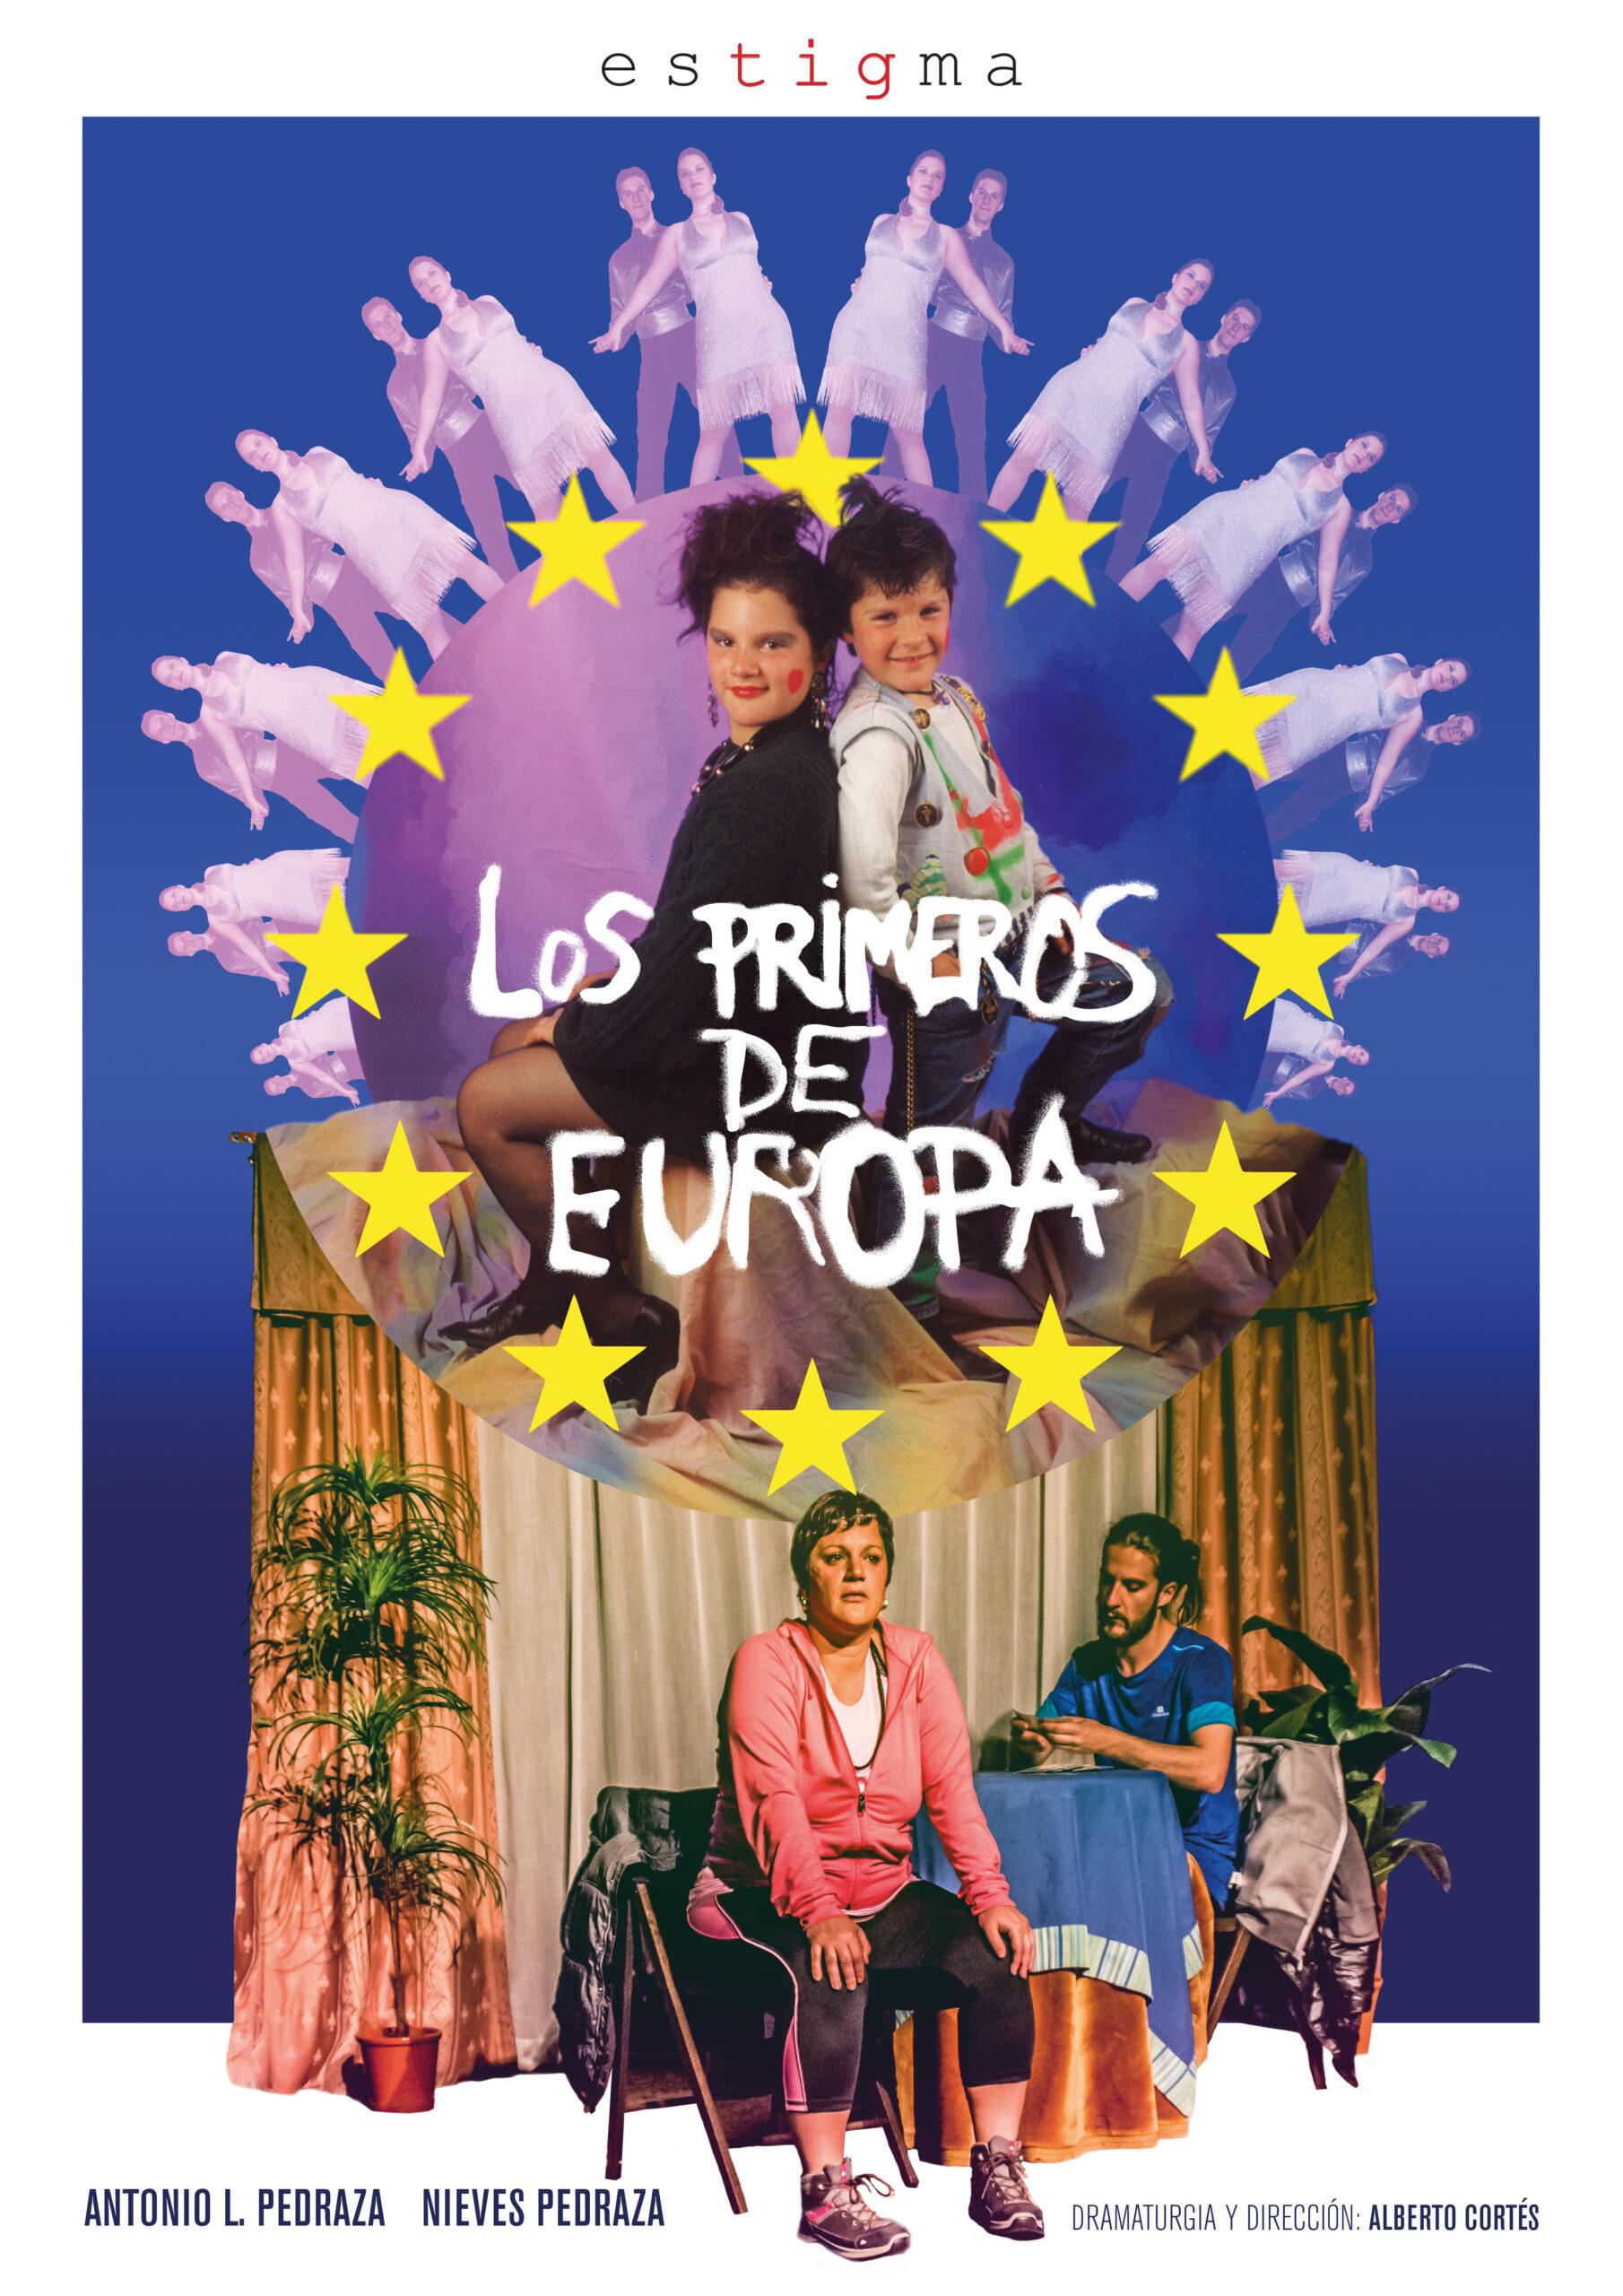 Los Primeros de Europa